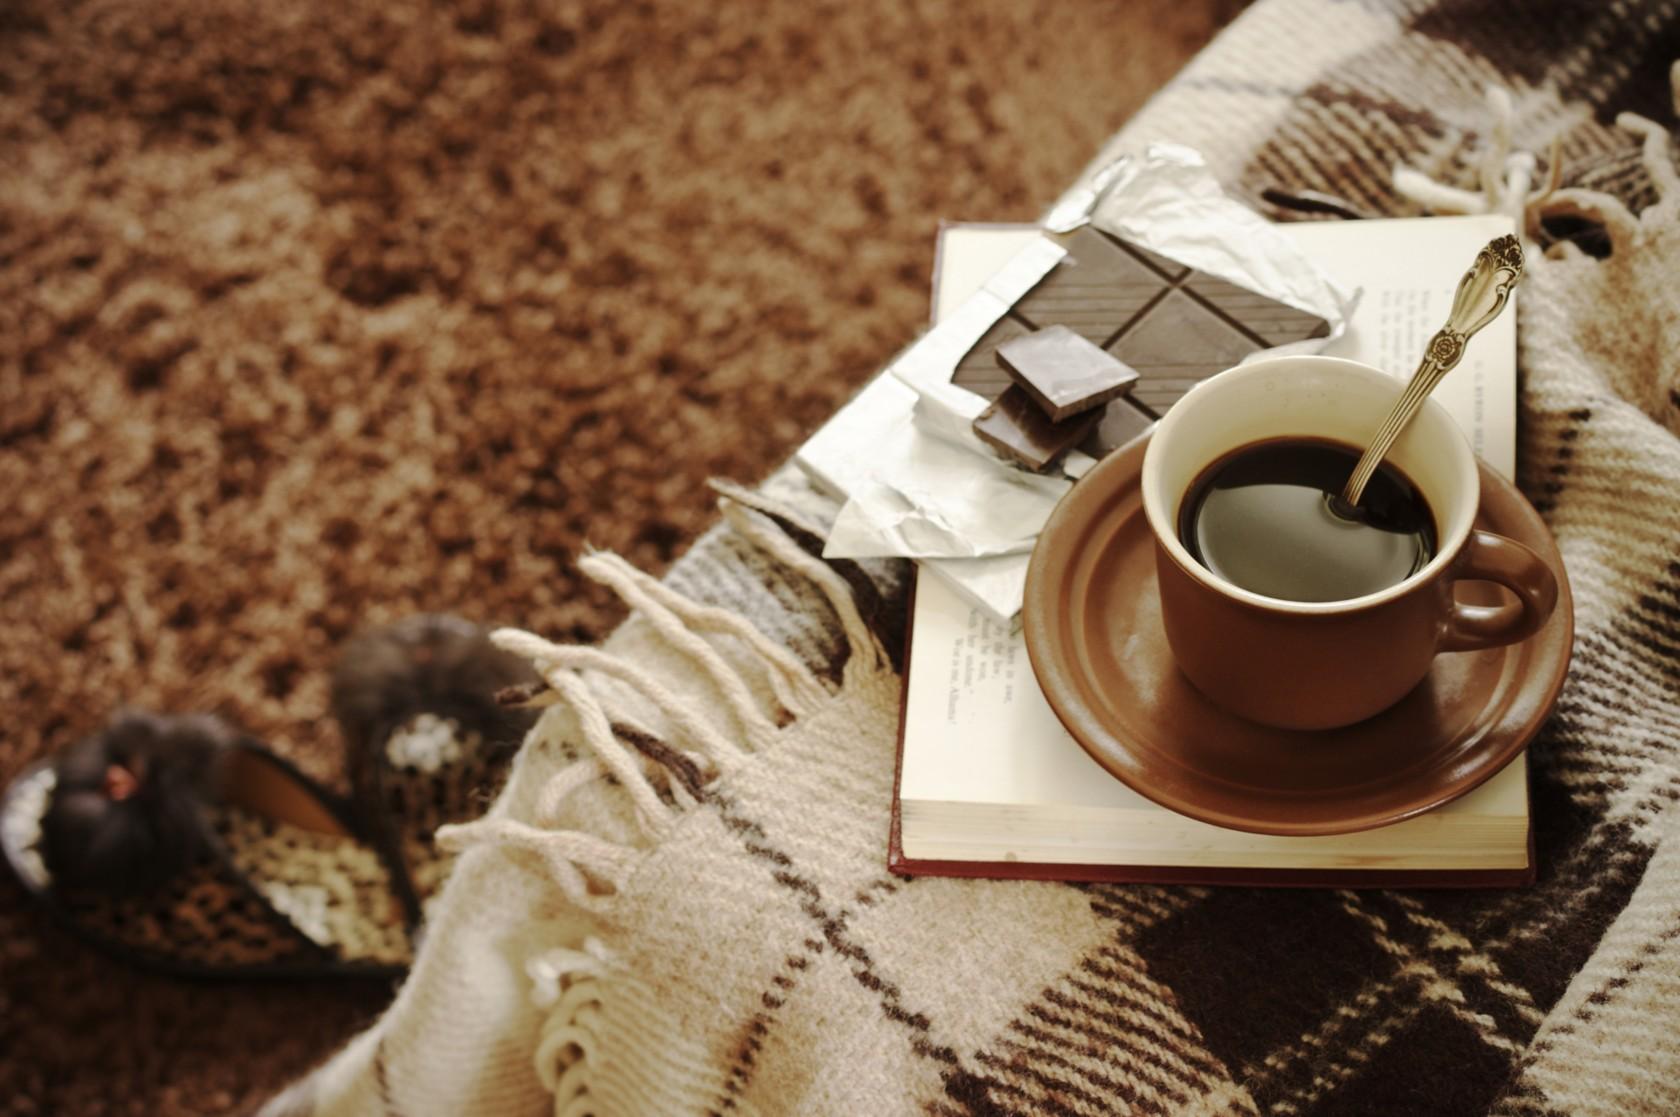 Langflor-Teppich reinigen, damit man sich wohlfühlen kann